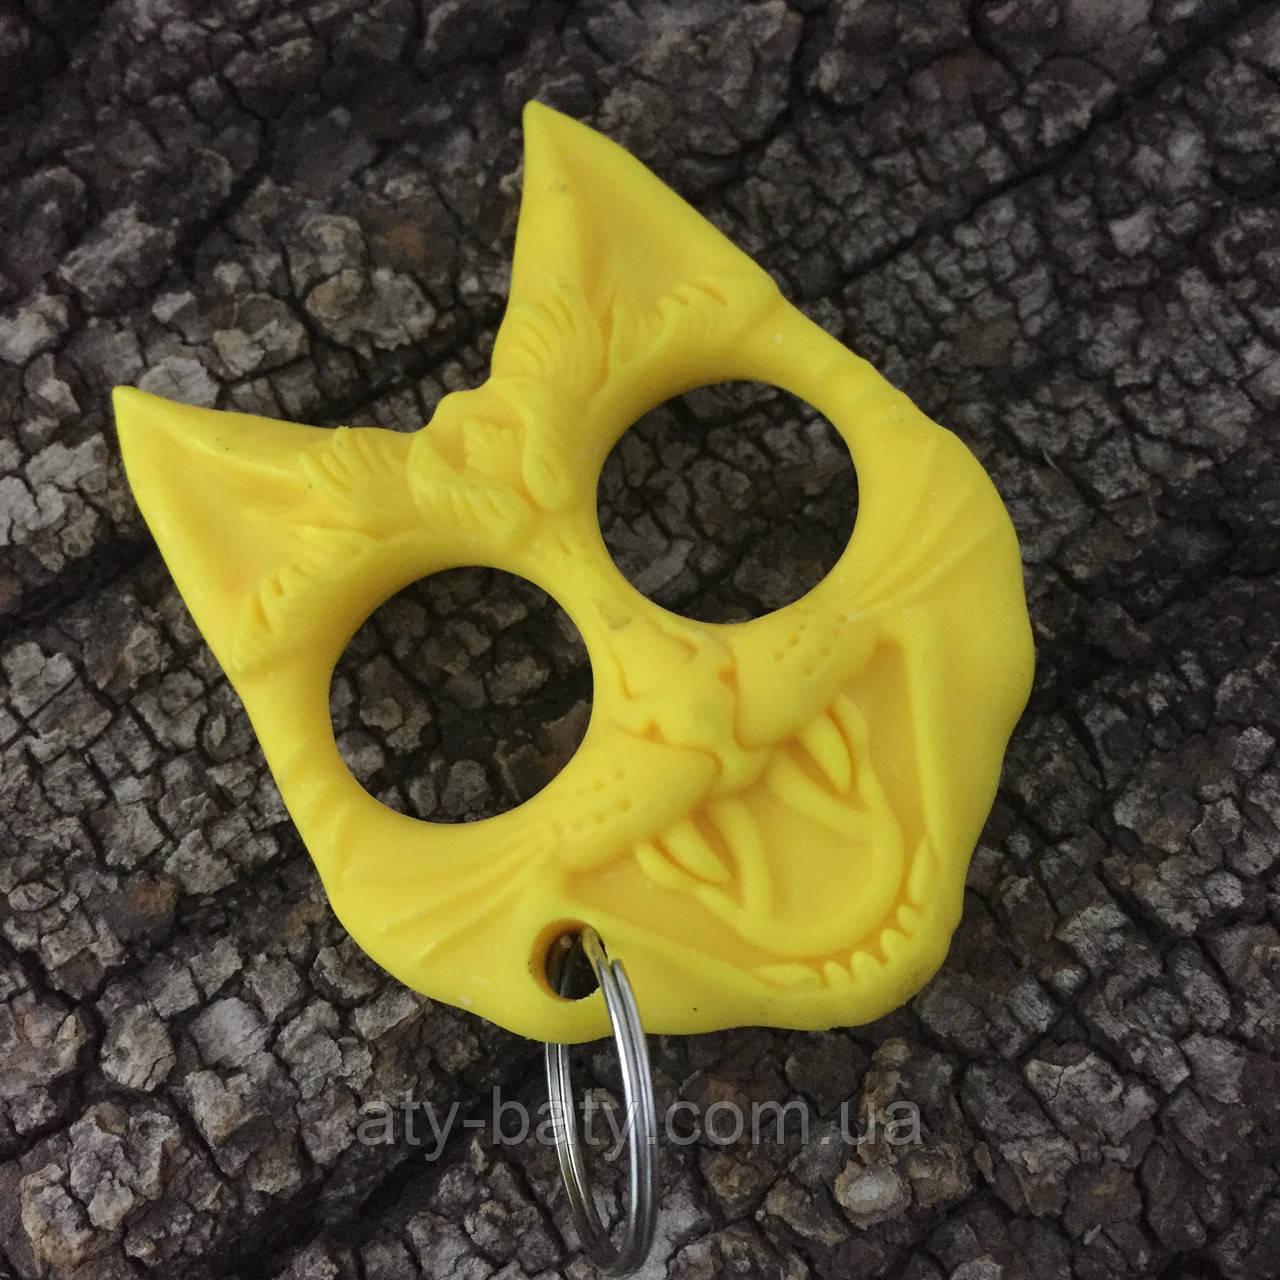 Брелок-стингер «Кошка», желтый